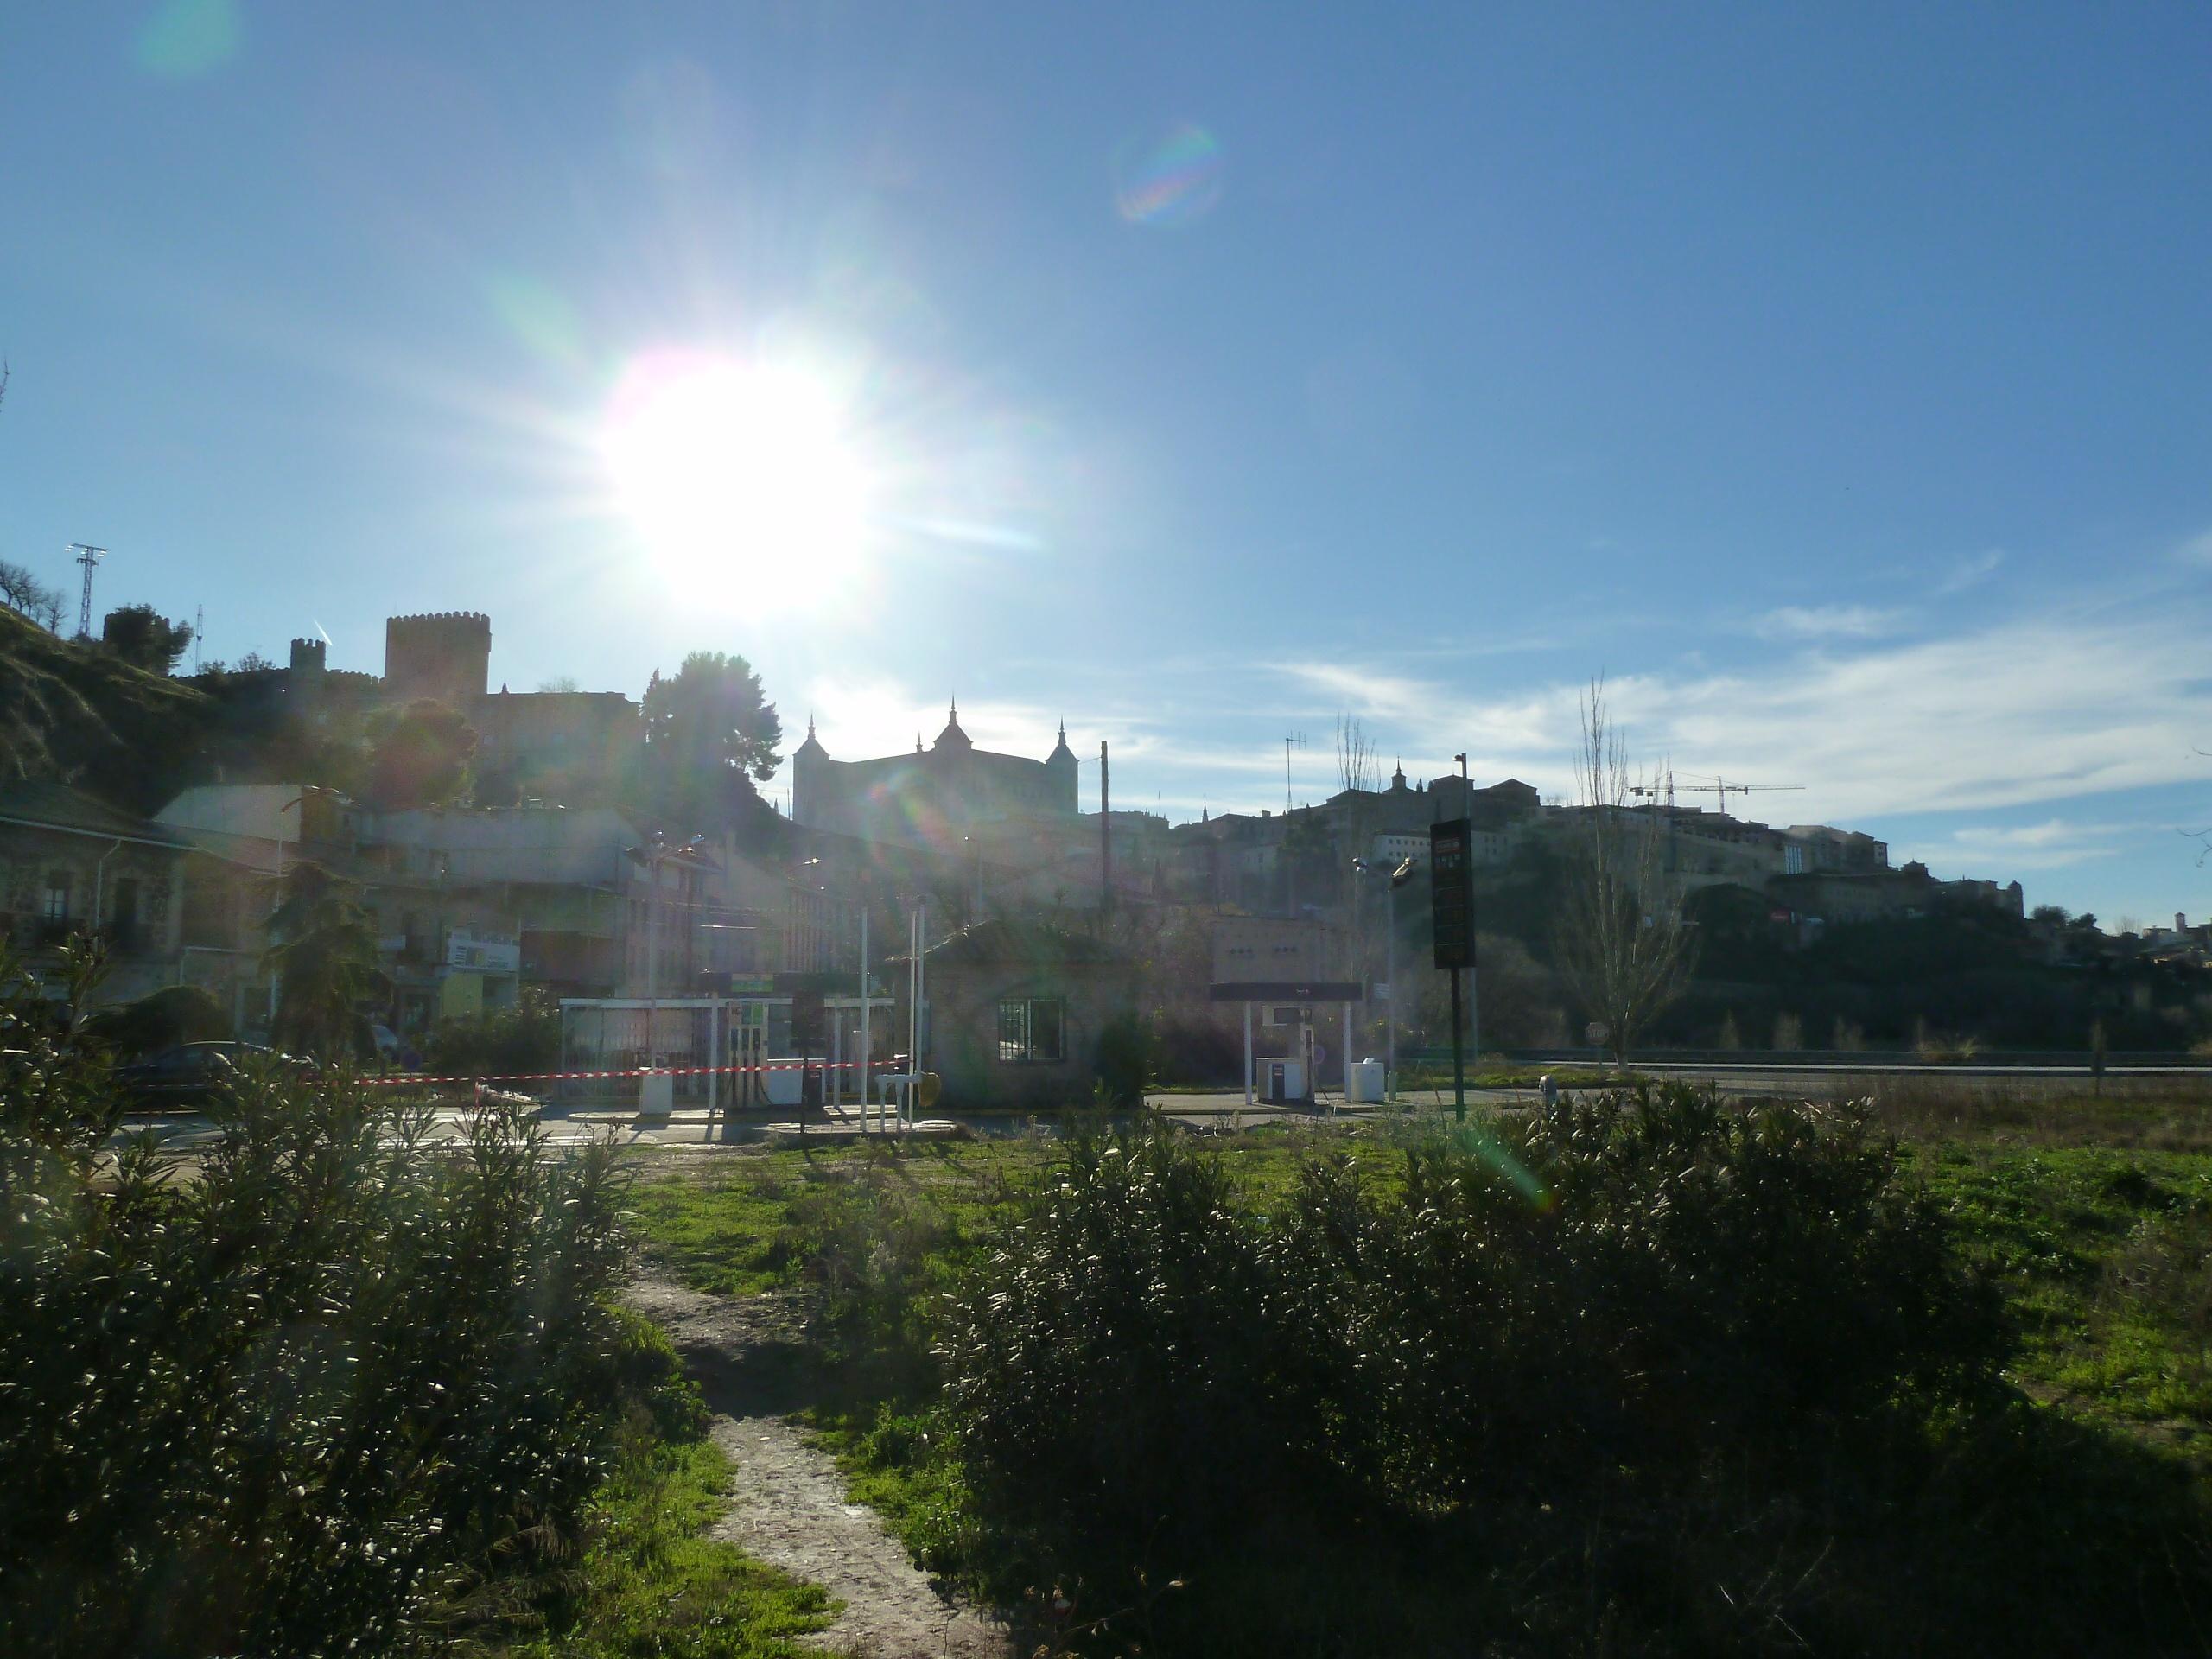 Cielos despejados en la mayor parte de España